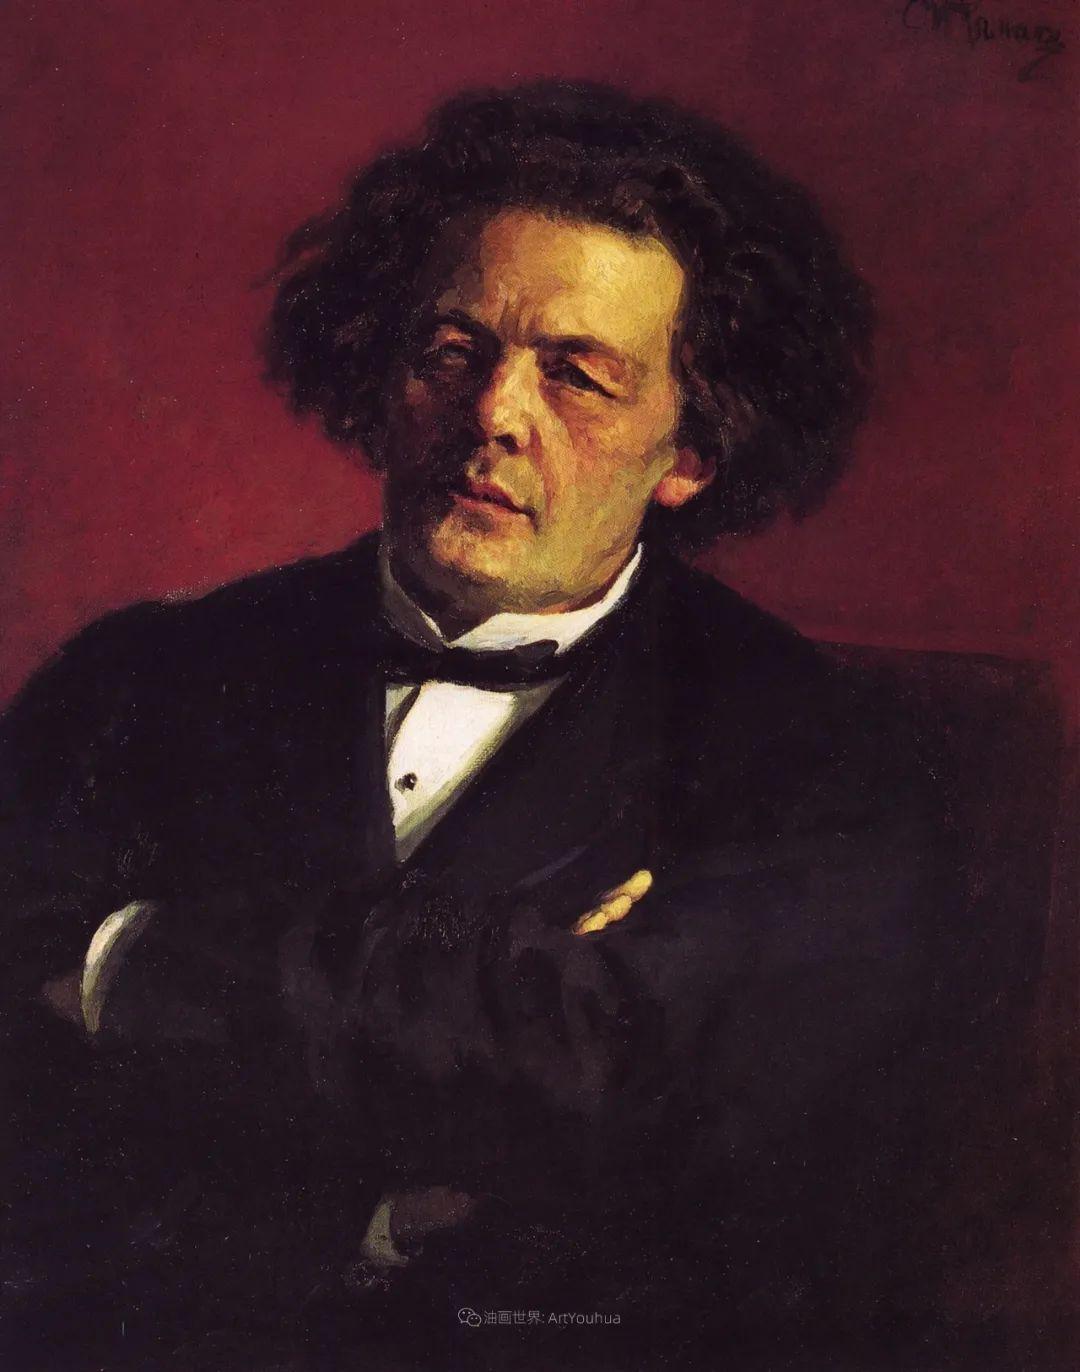 现实主义巨匠列宾, 男性肖像作品精选 170幅插图270